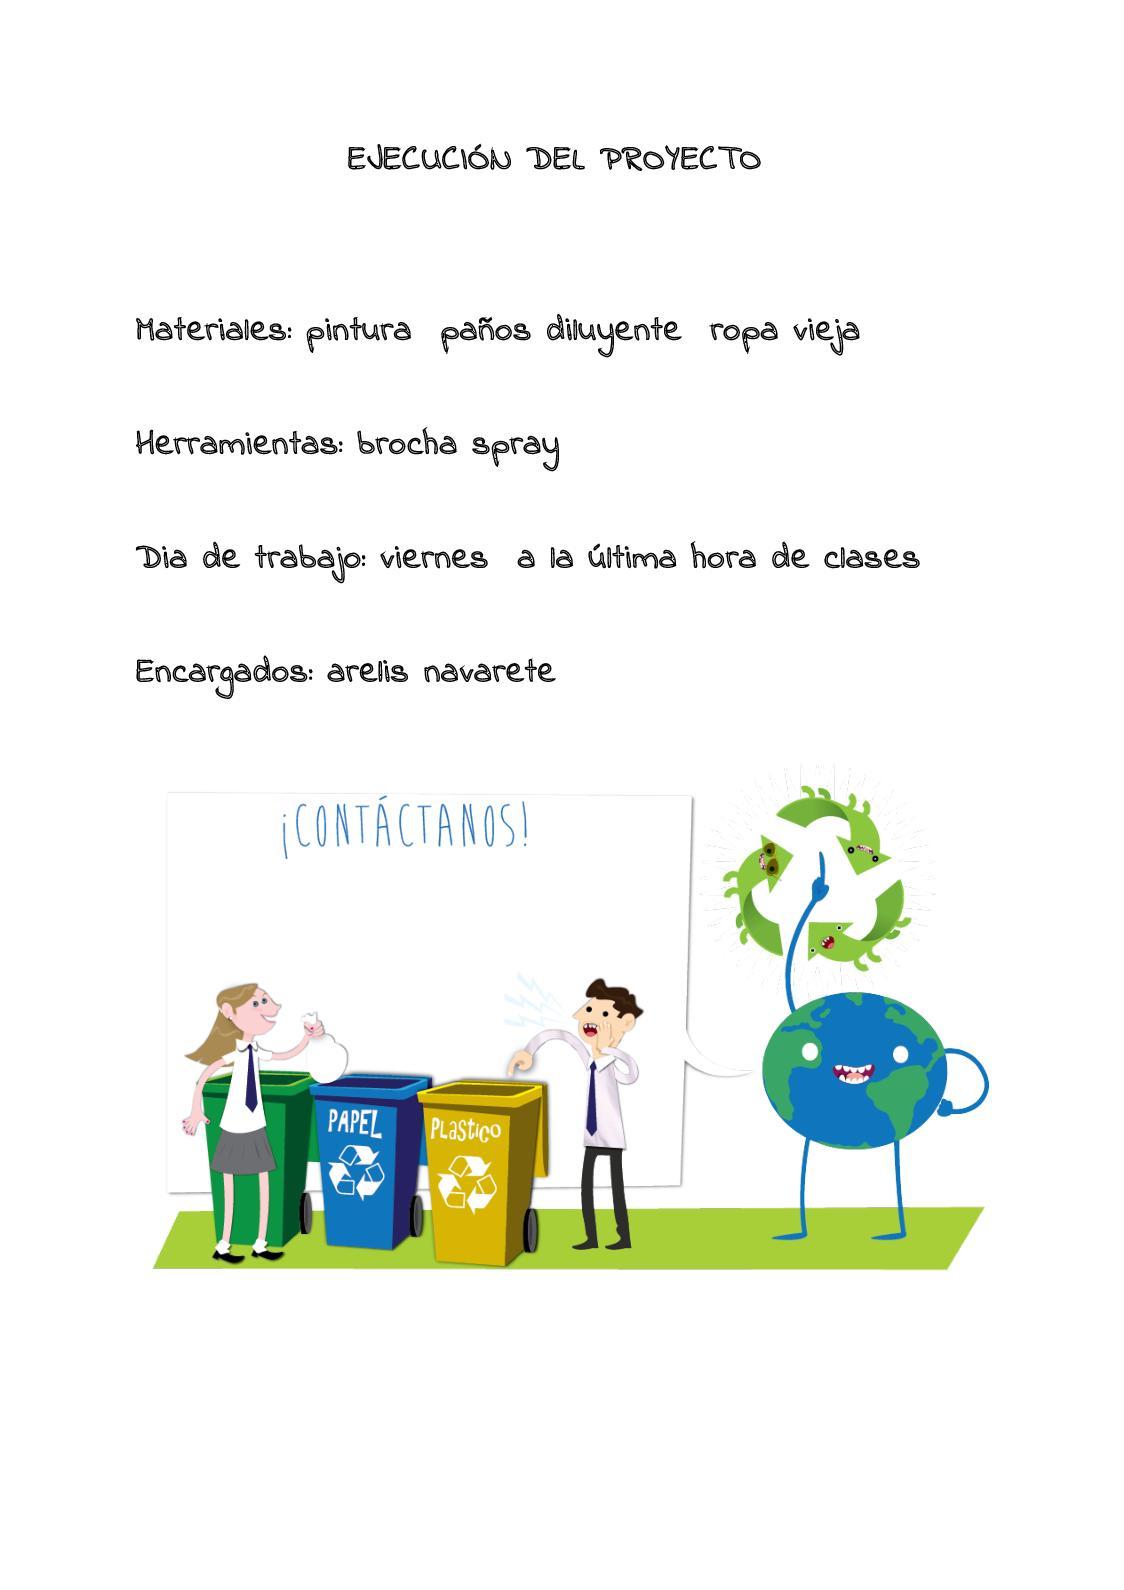 reutilizables y lavables ciclismo HJZXC 6 unidades actividades al aire libre azul azul esqu/í moda polvo